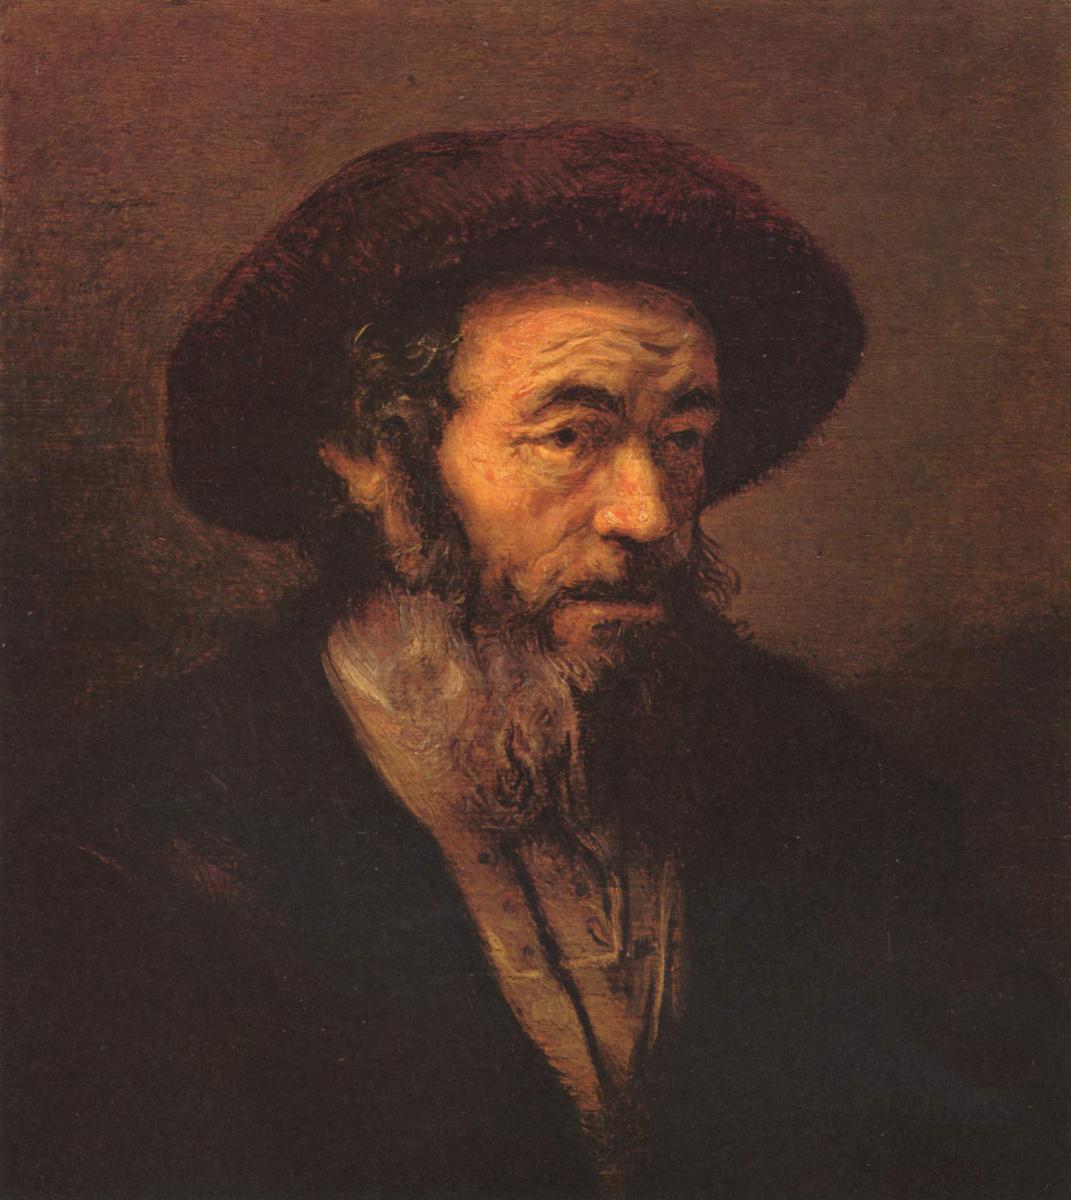 Рембрандт Харменс ван Рейн. Старик в меховой шапке